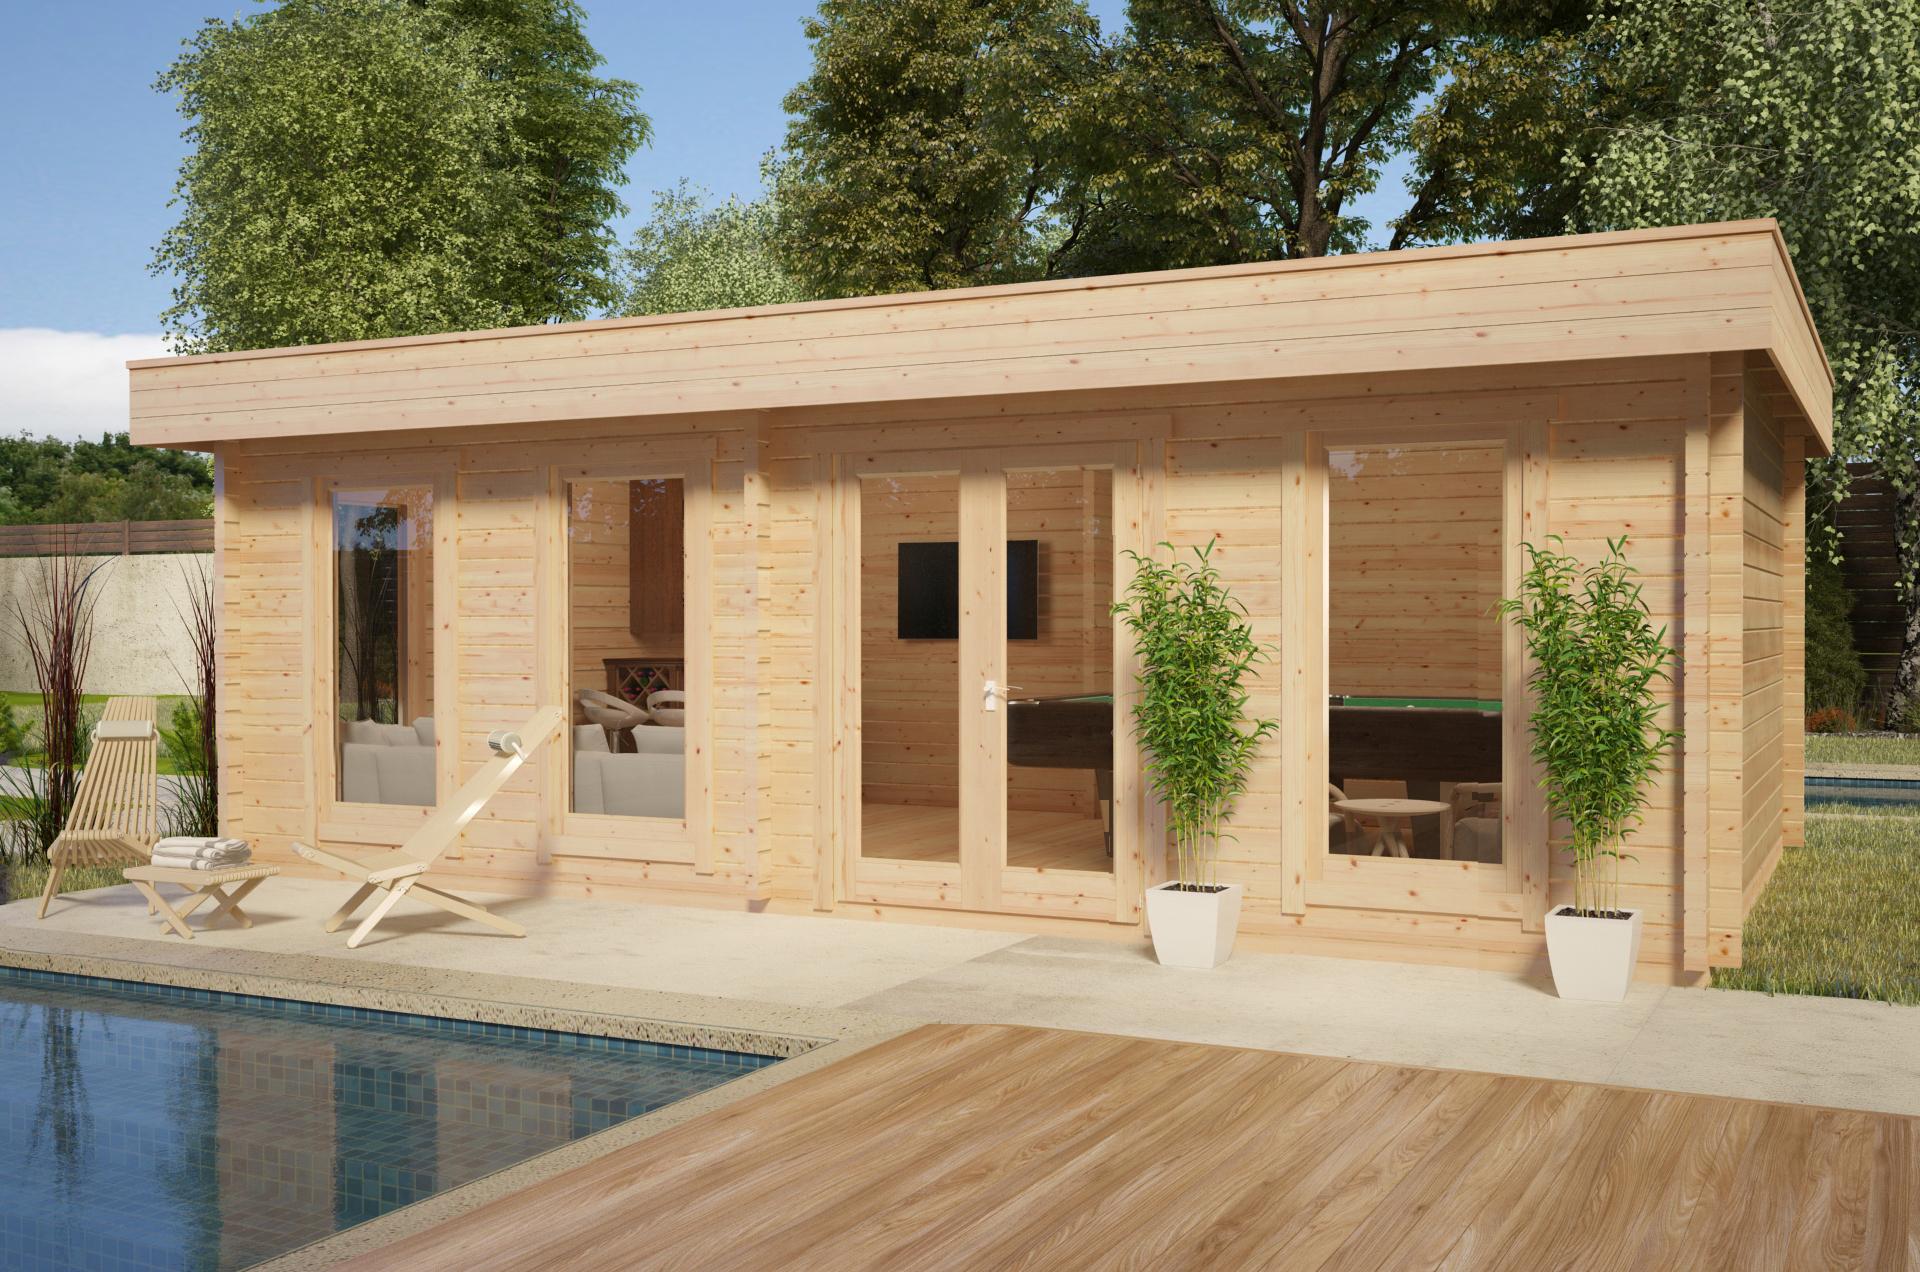 Caseta de jardín grande modelo E